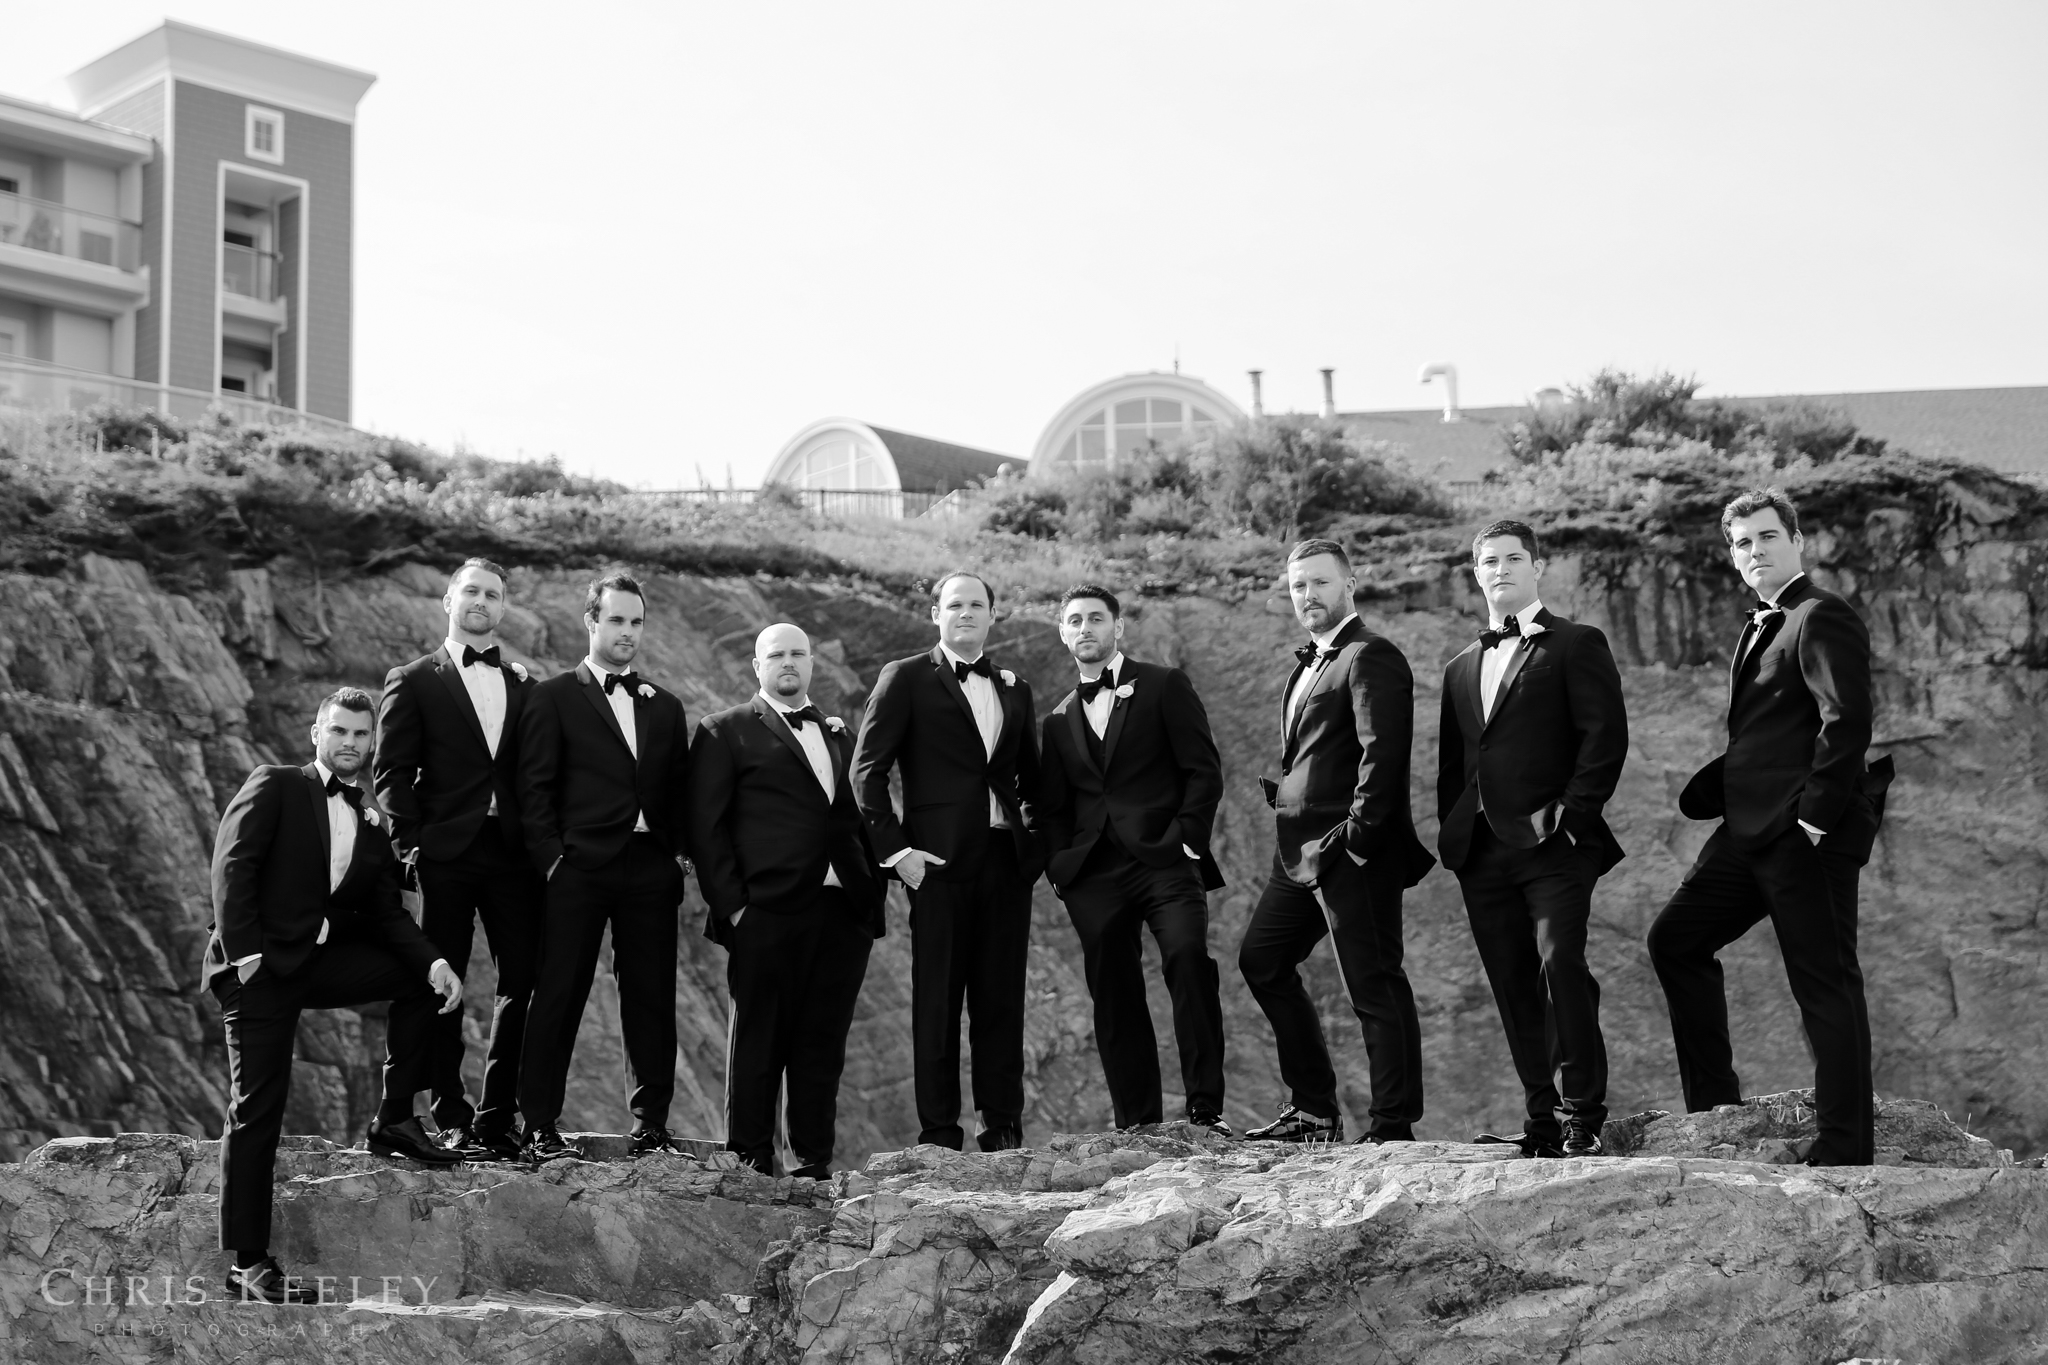 cliff-house-maine-wedding-photographer-chris-keeley-42.jpg